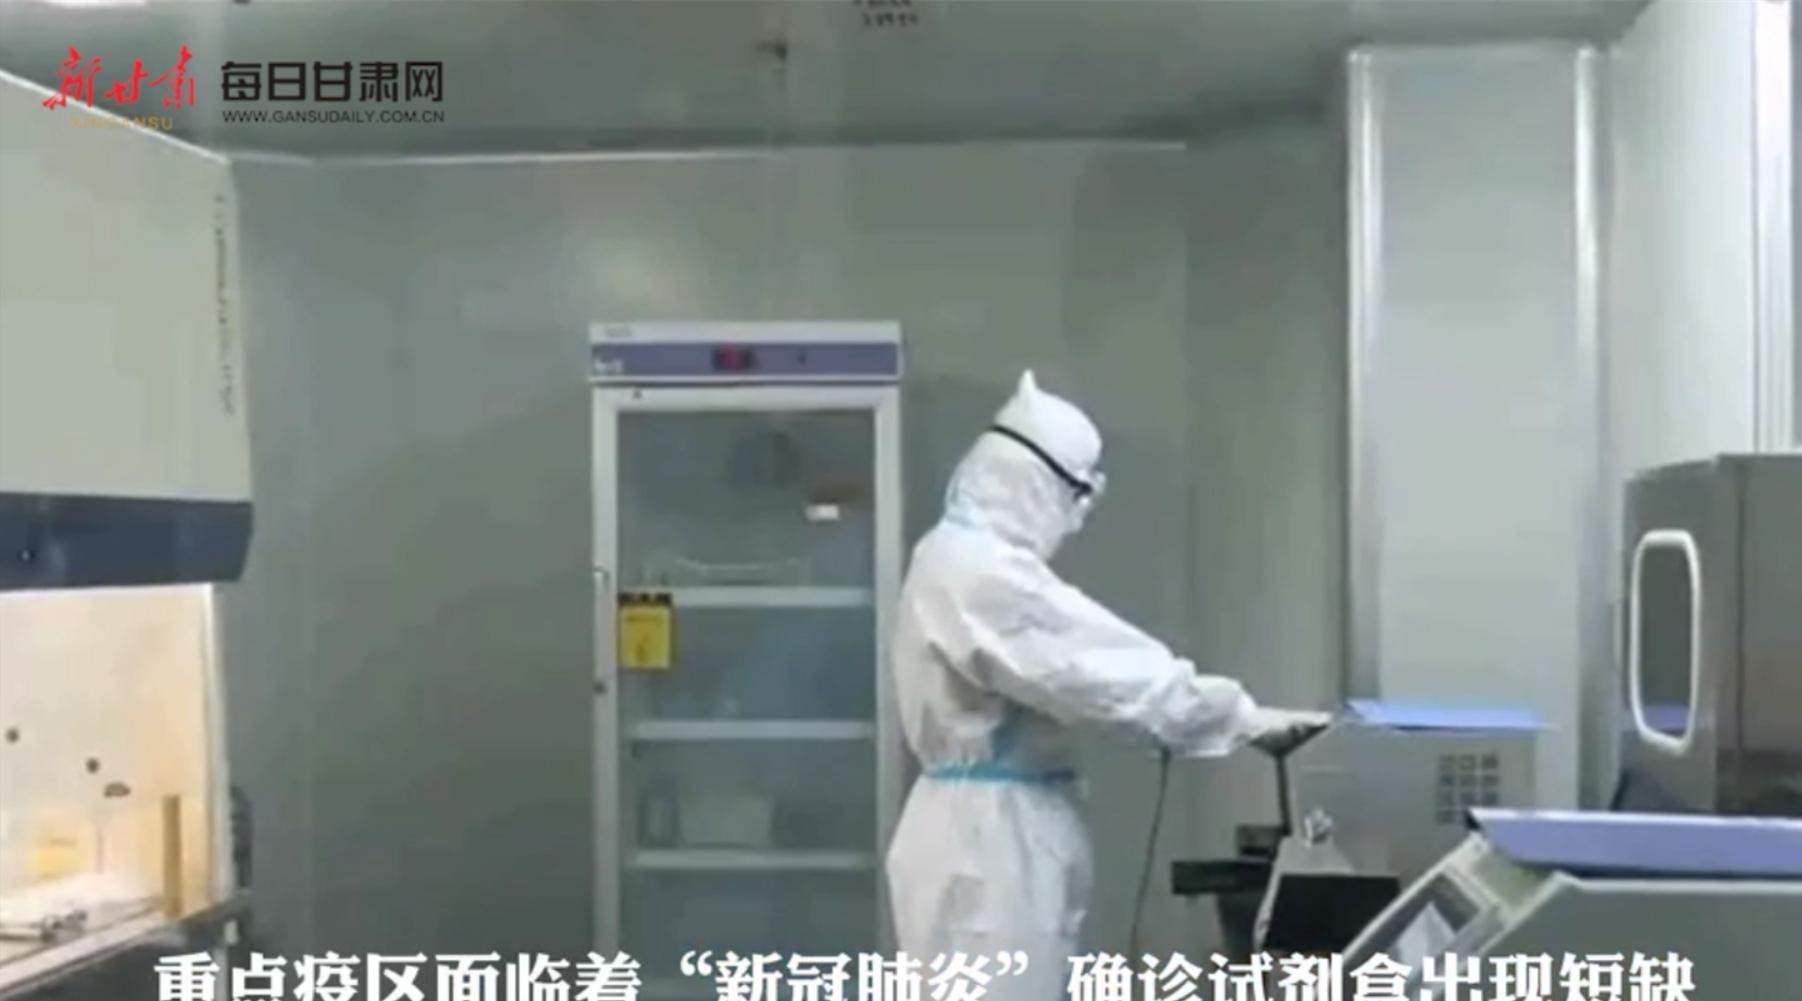 【視頻】4000多份試劑盒送溫暖